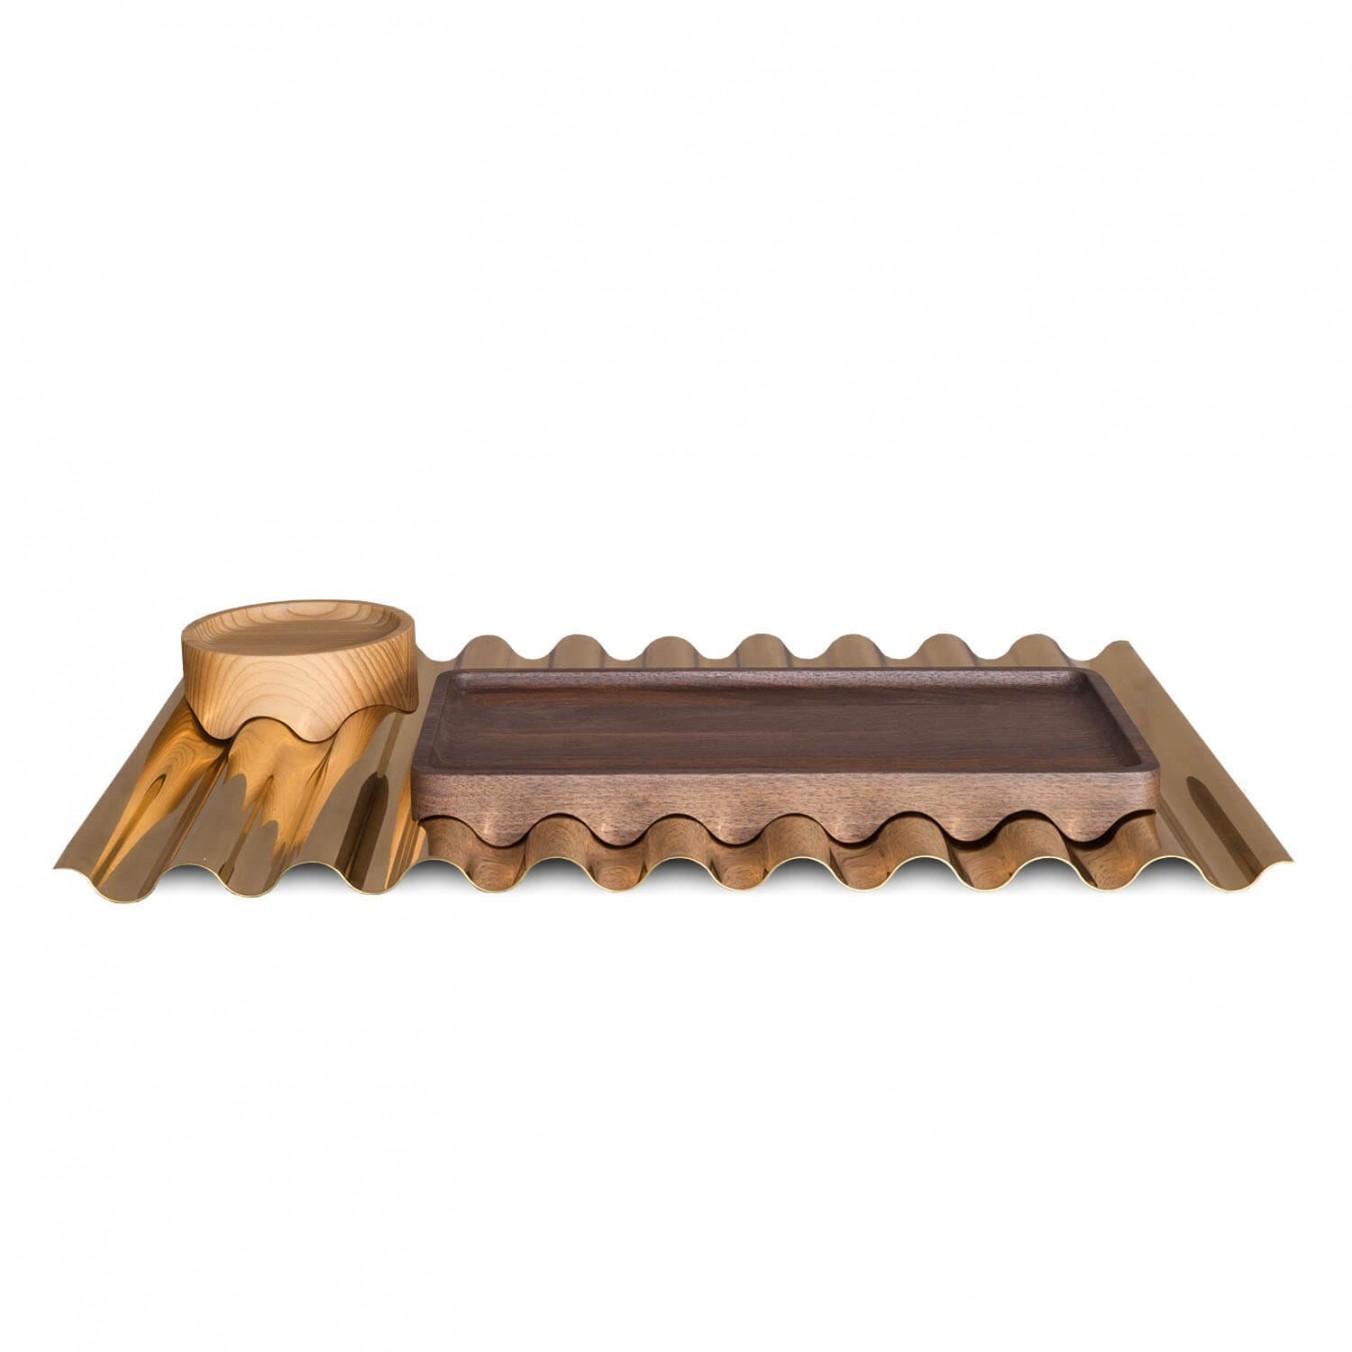 Shelter tray